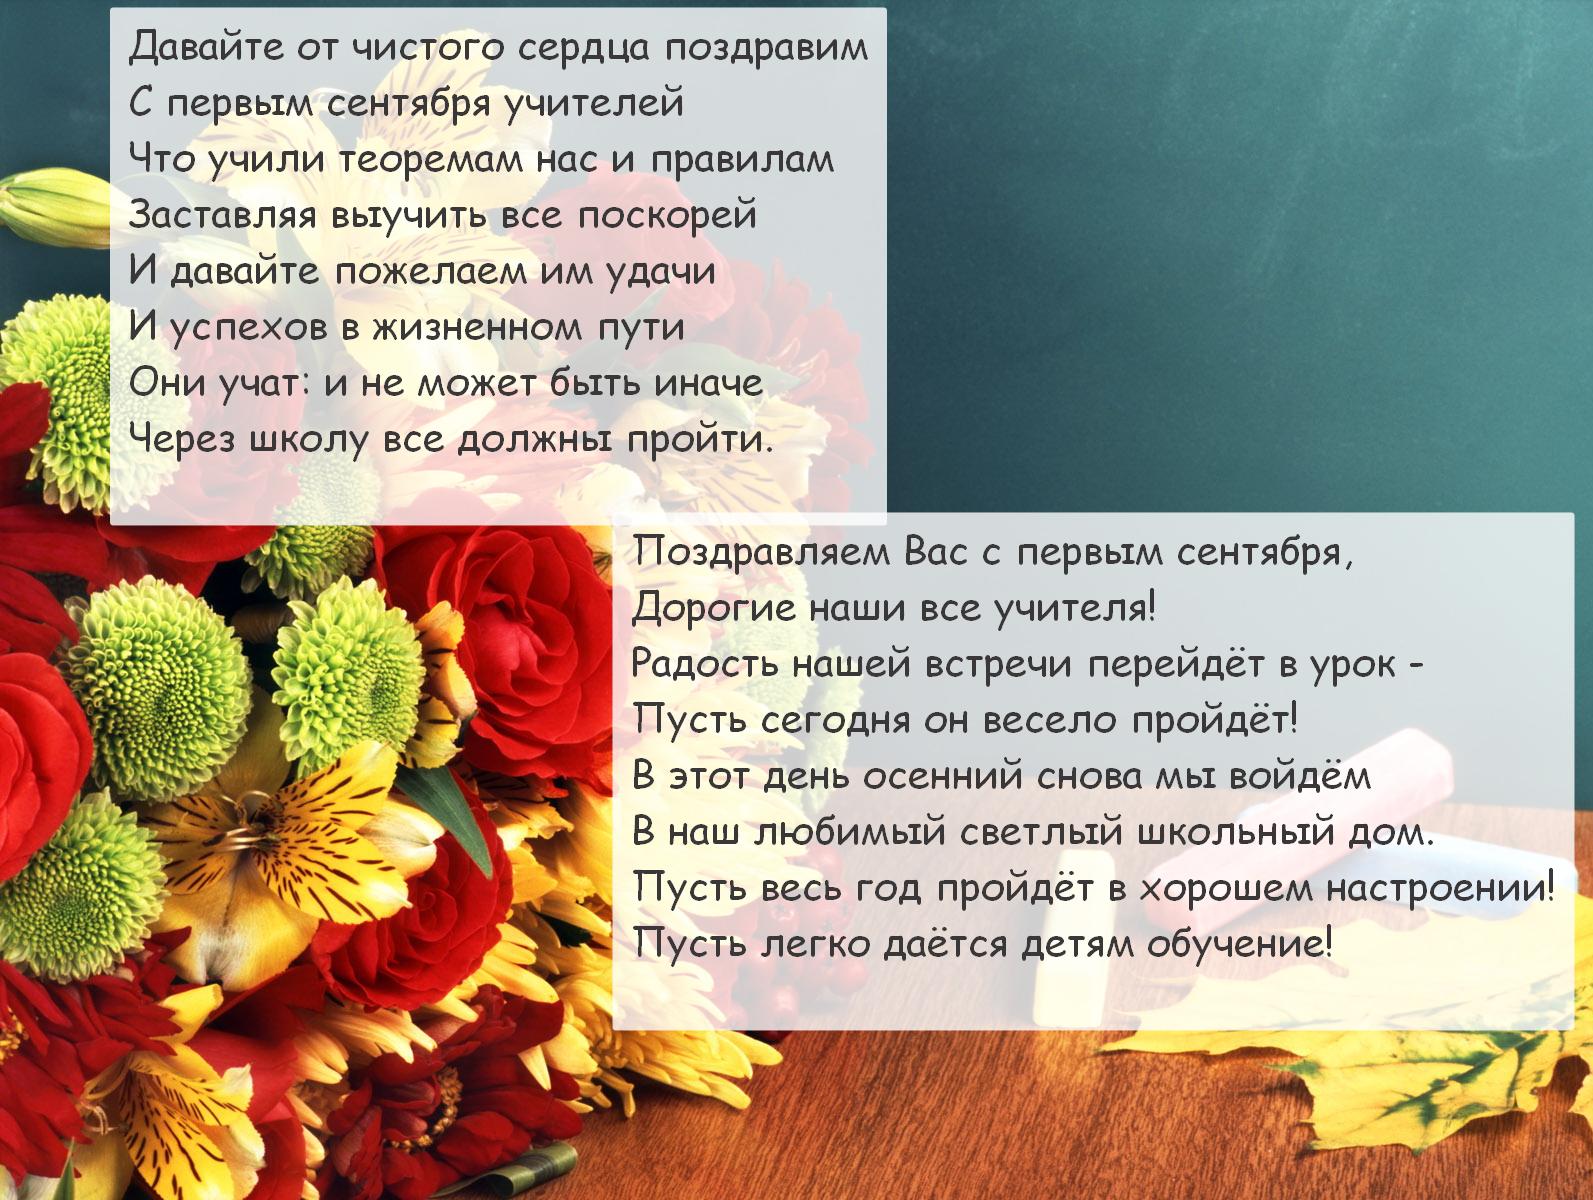 Открытка с поздравлением с 1 сентября коллегам, днем любви